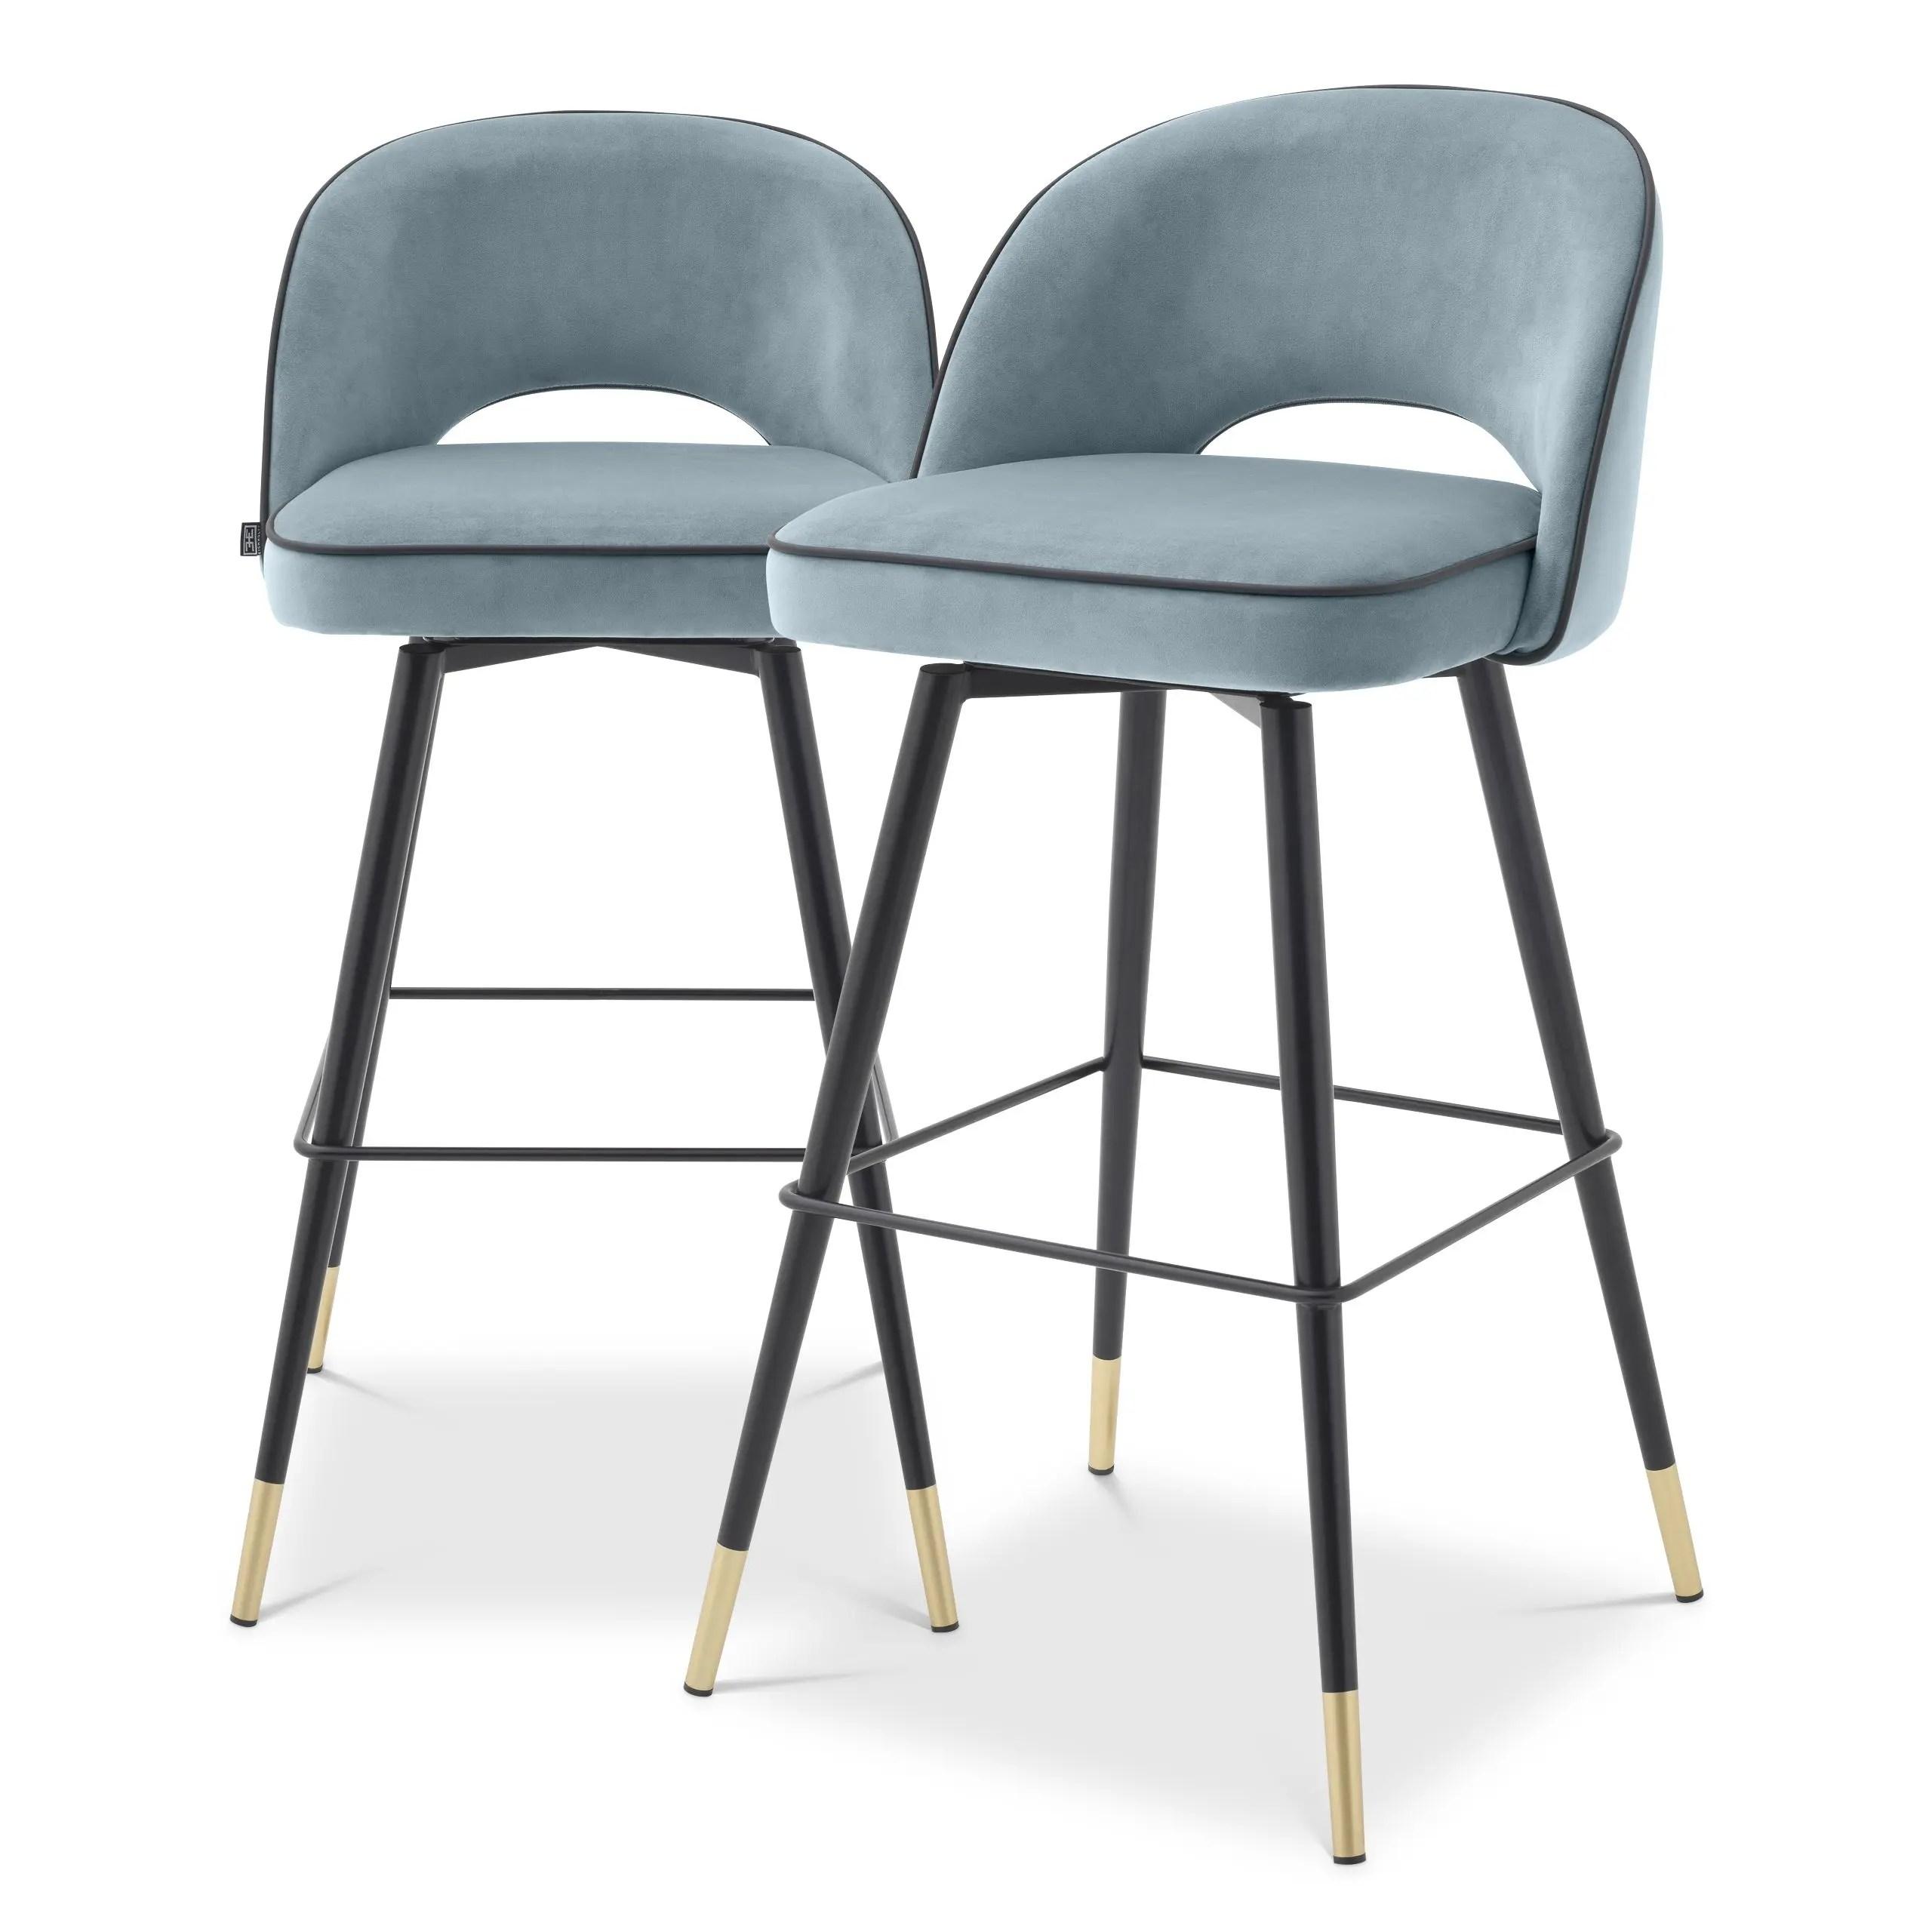 Set di sedie da sala d'attesa in rame chair design anni '70. Sgabello Sedia Bar Cliff Set Di 2 Velluto Blu Celeste H 103cm Avecasa